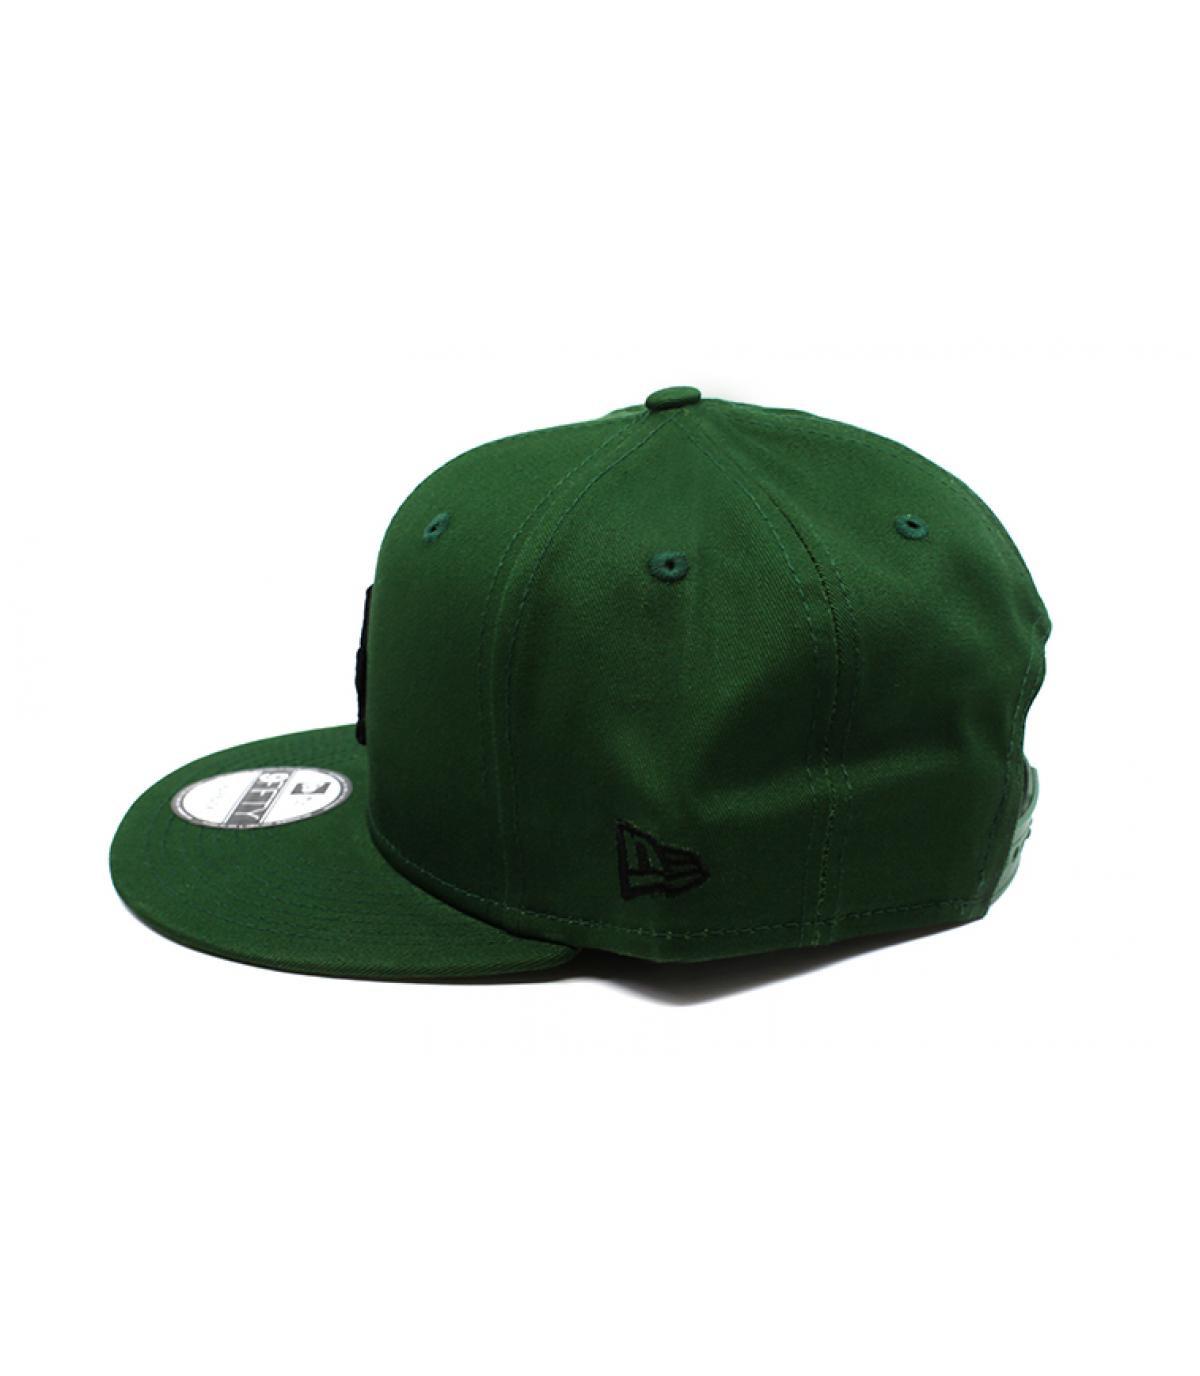 Details Snapback League Ess LA 950 hooley green black - Abbildung 4